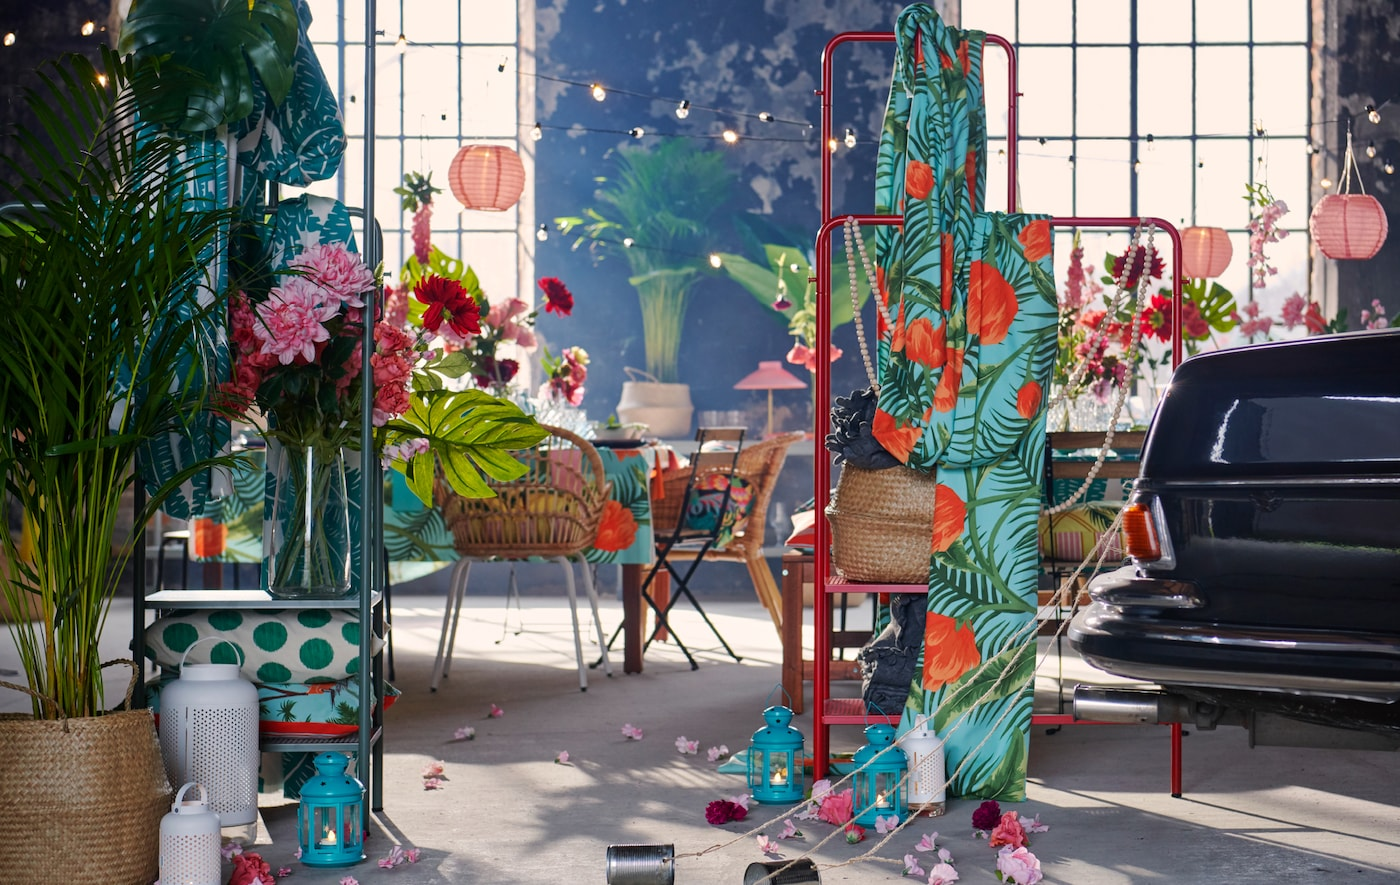 Prostran, industrijski enterijer za žurke s tekstilima, ukrasima, biljkama i zadnji deo kola, s vezanim aluminijumskim konzervama.